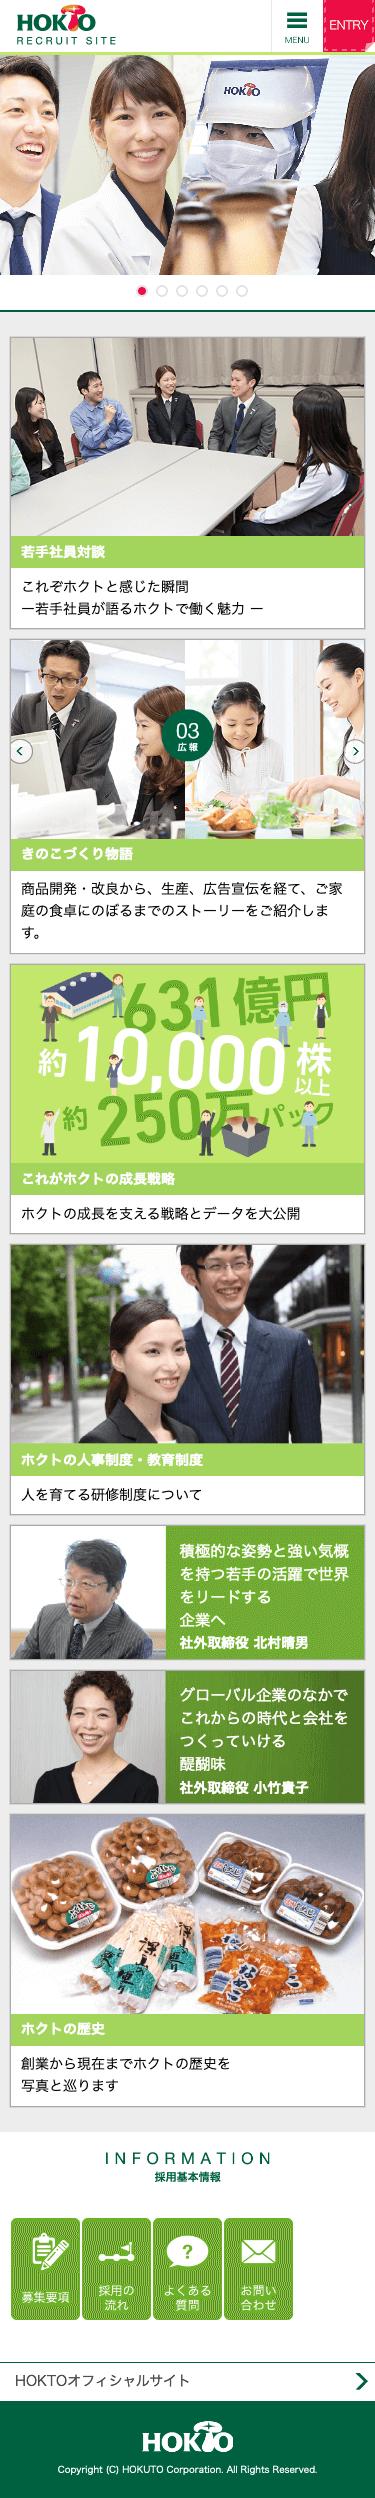 ホクト株式会社 リクルートサイトspイメージ